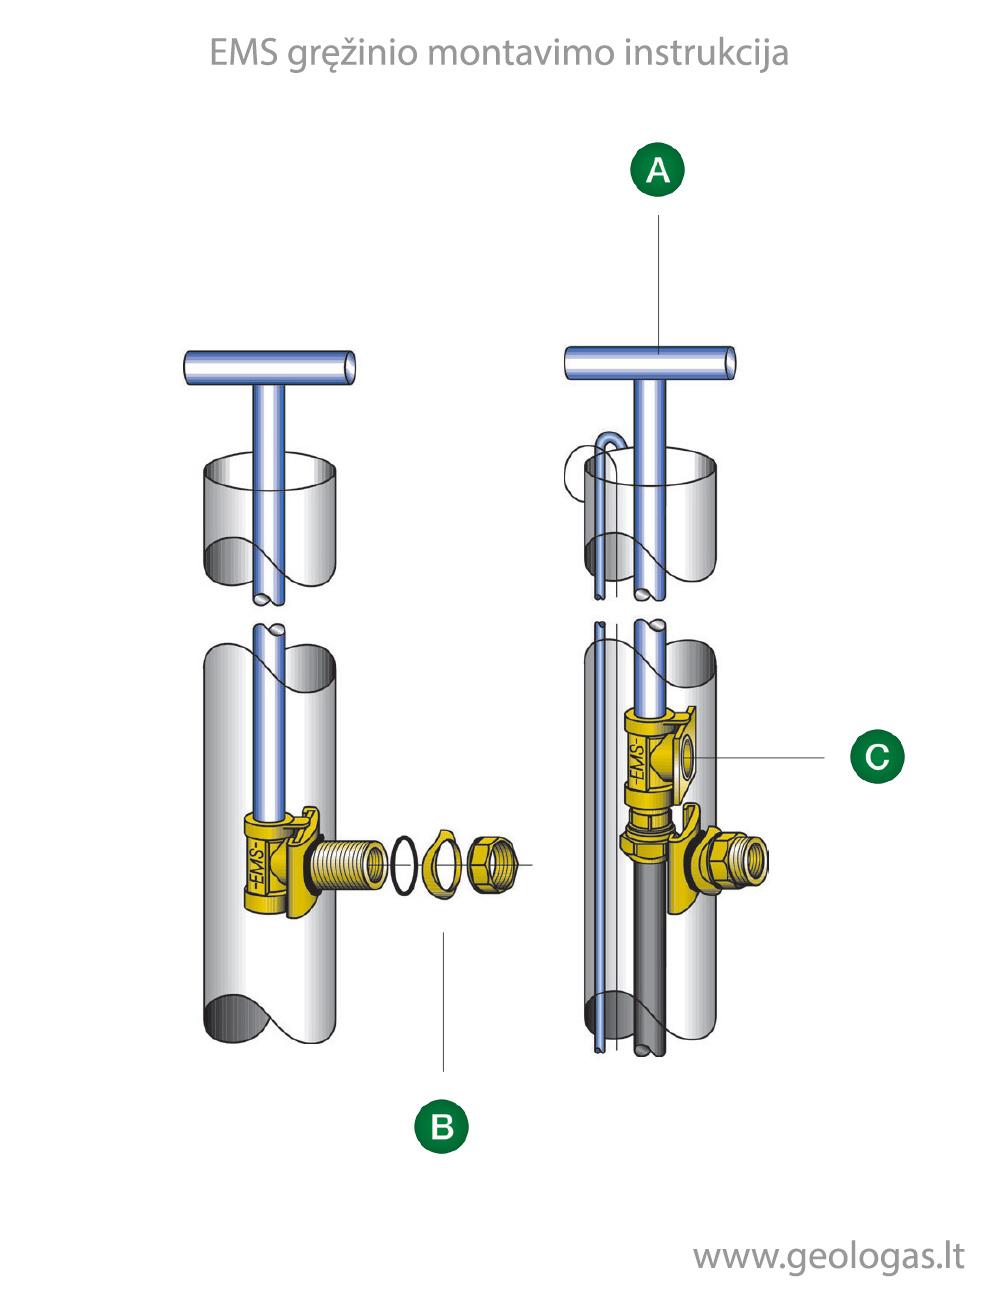 Grezinio adapterio montavimo schema. Aprašyti pagrindiniai prijungimo prie vamzdžio punktai